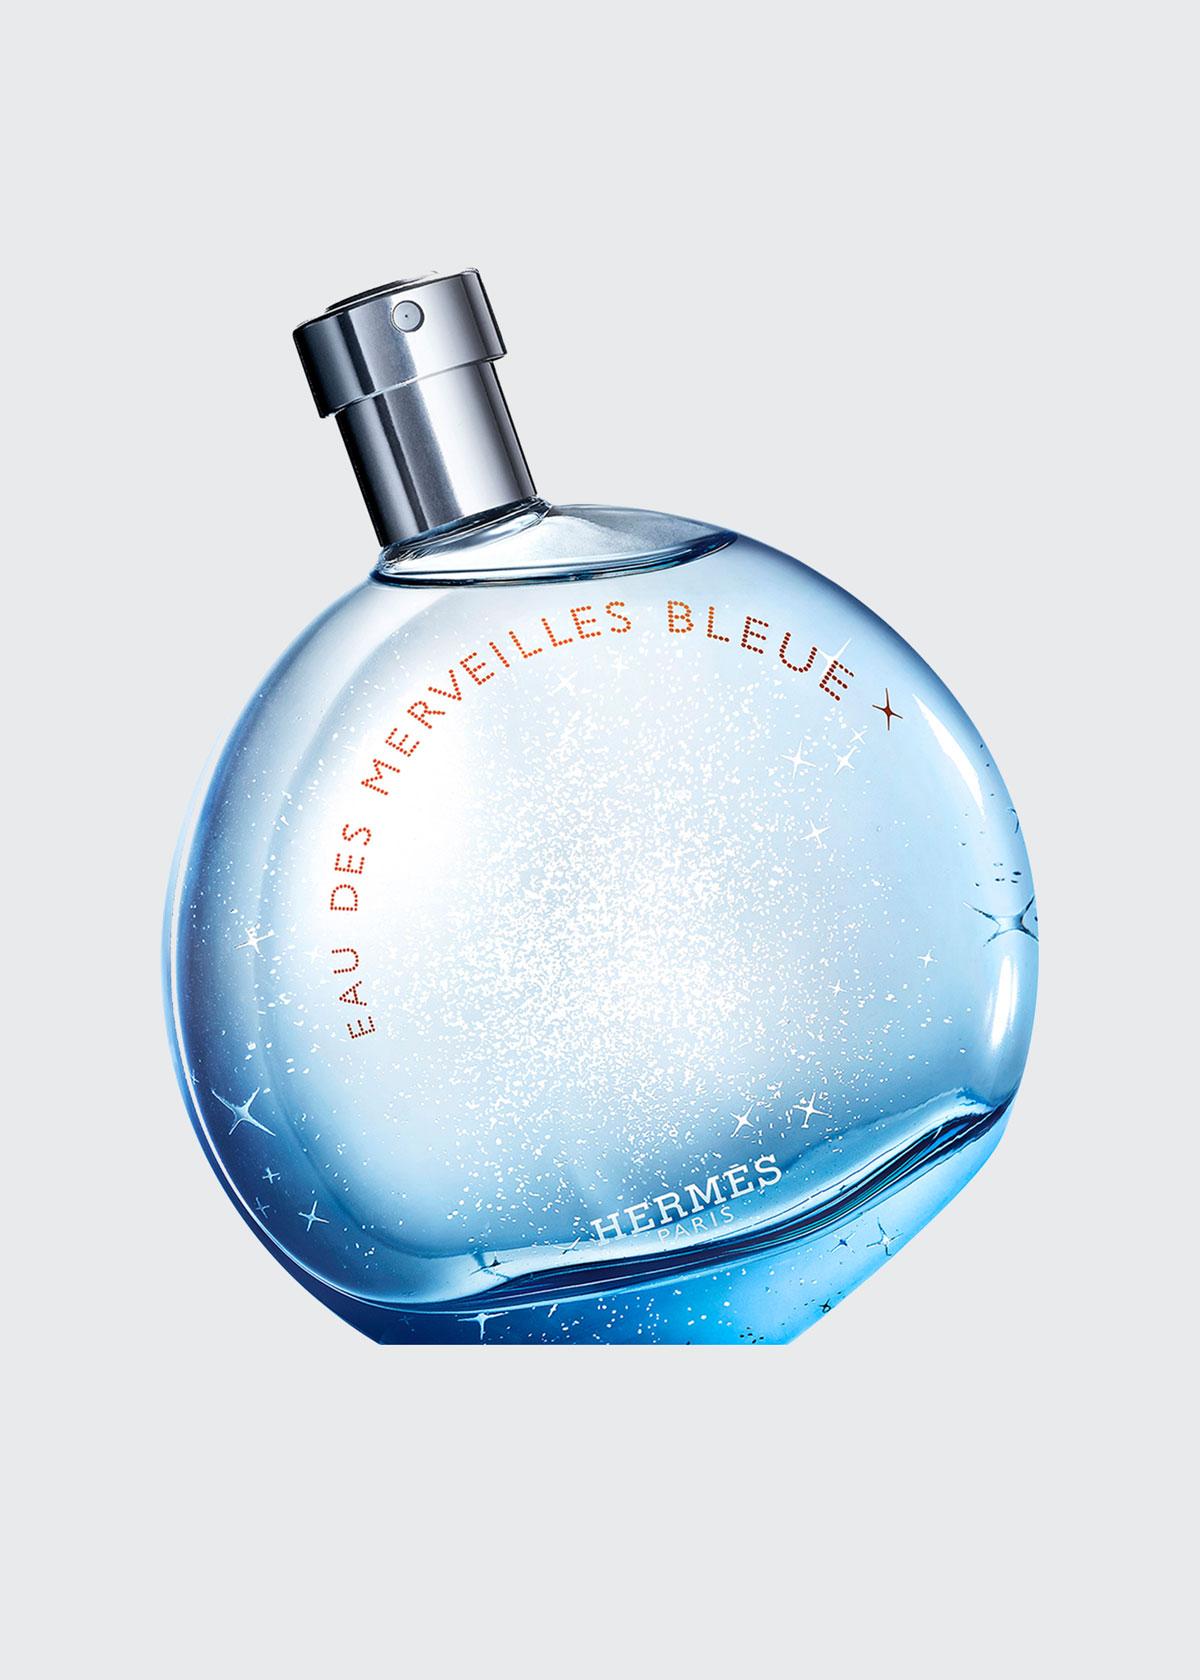 Herm S EAU DES MERVEILLES BLEUE EAU DE TOILETTE, 3.3 OZ./ 100 ML